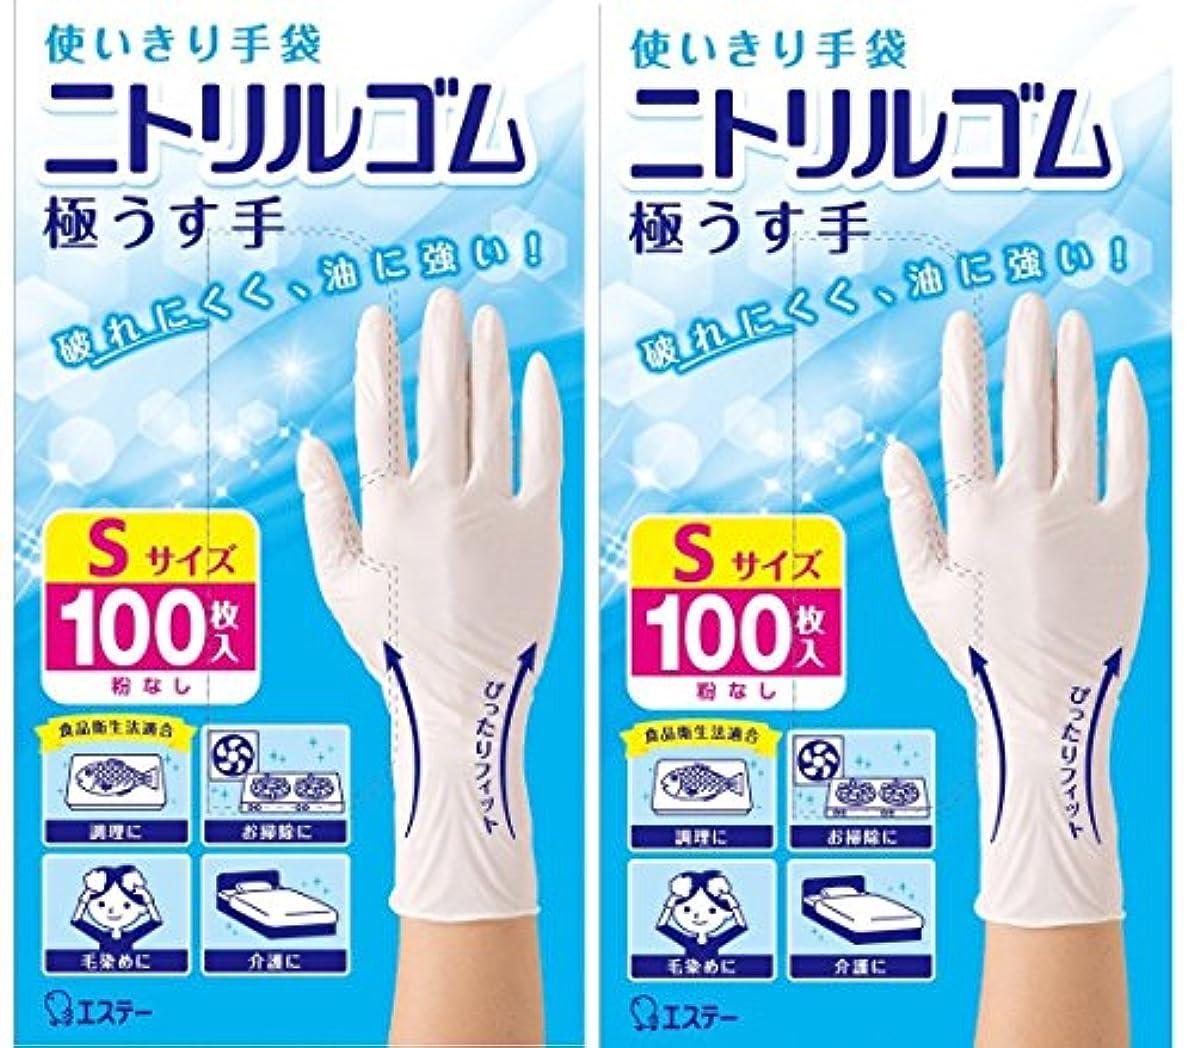 雄弁家白鳥印象派【お徳用 2 セット】 使いきり手袋 ニトリルゴム 極うす手 ホワイト 粉なし Sサイズ 100枚入×2セット